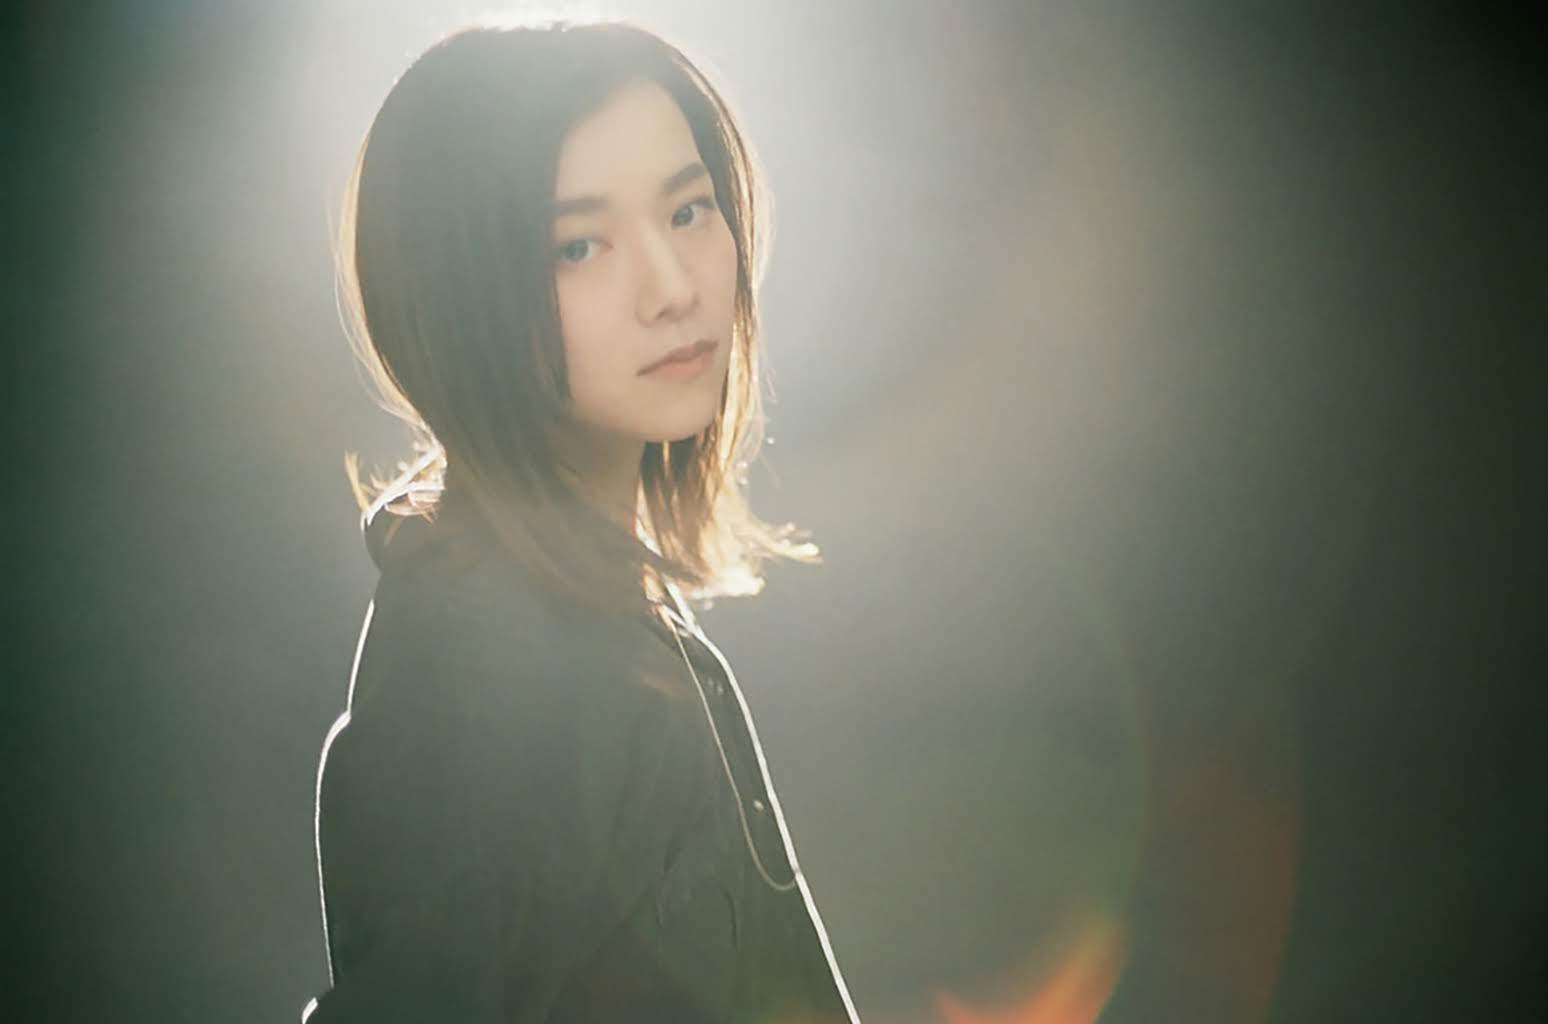 【迷編聽聽】日本新銳歌手 milet 介紹